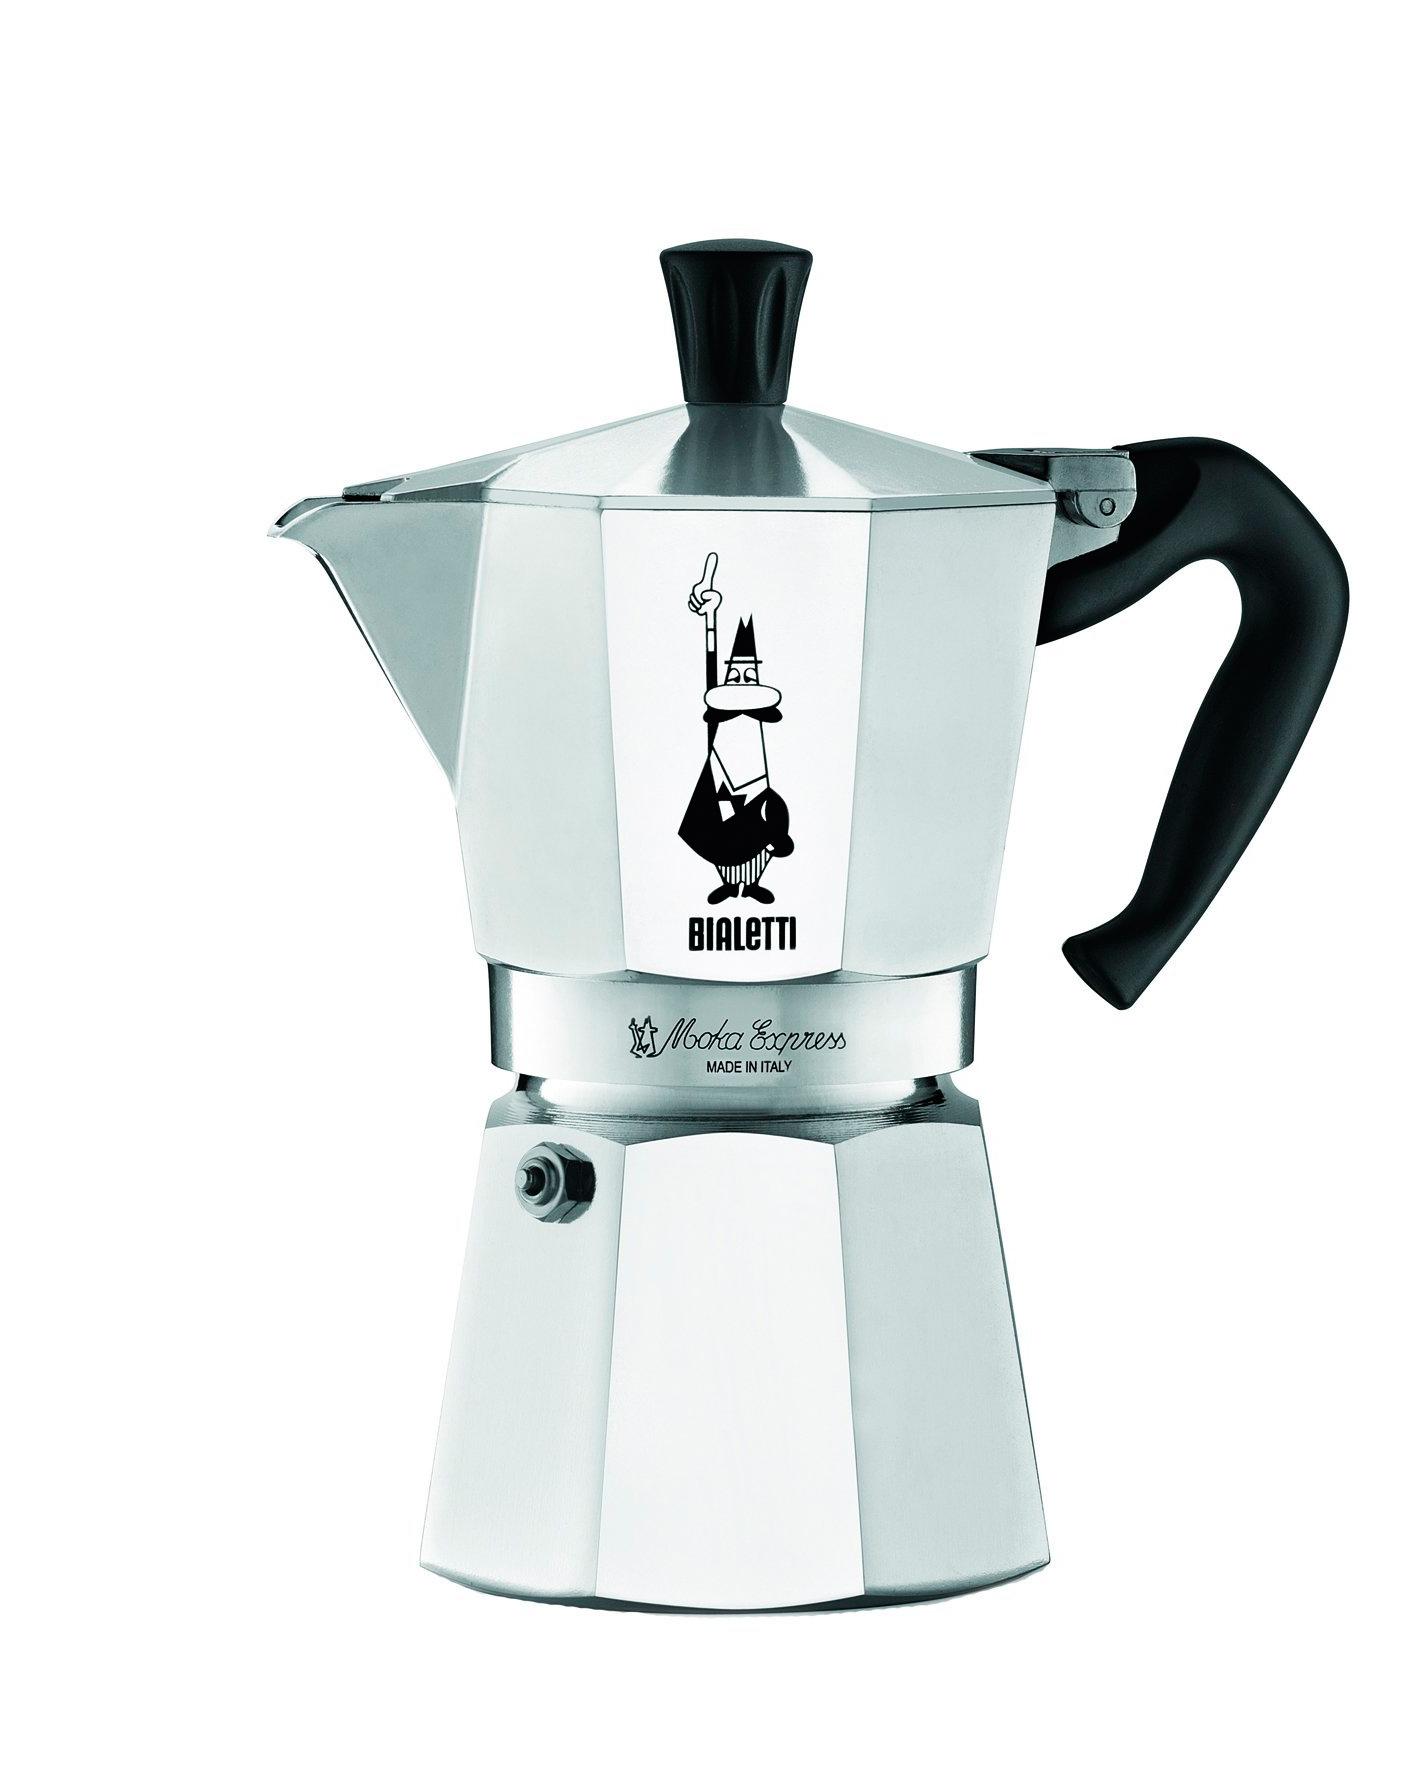 coffee-makers-registry-bialetti-0914.jpg